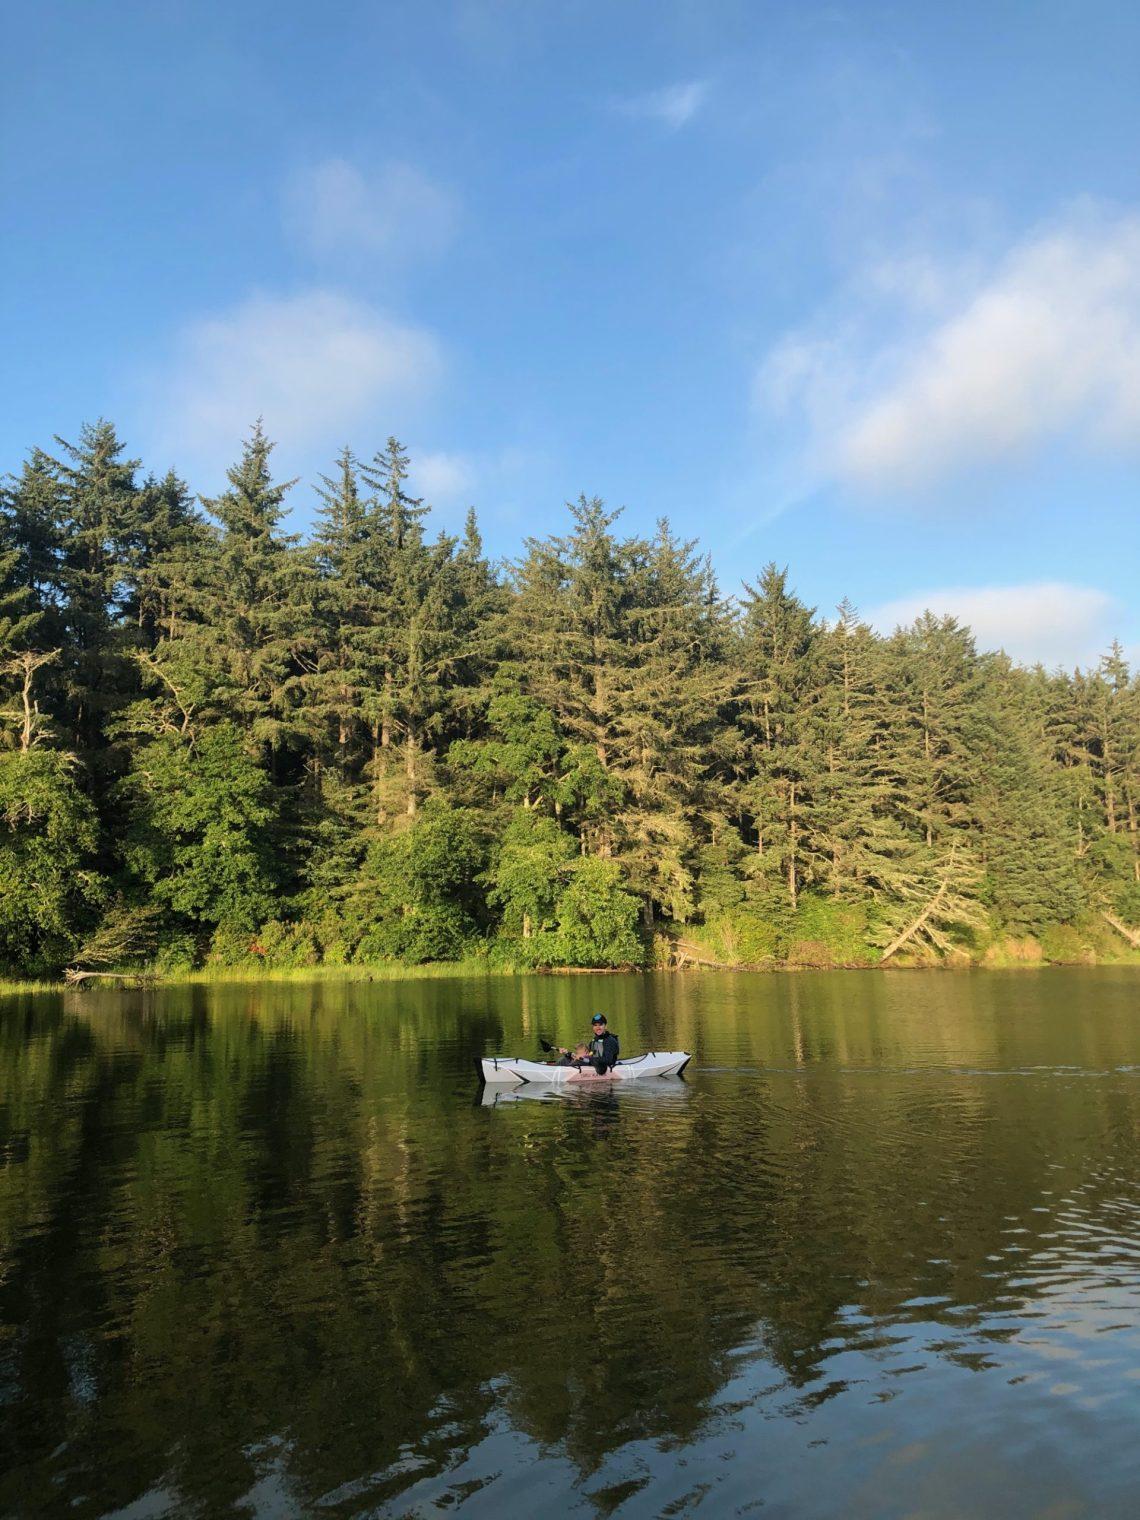 Kayaking at Fort Stevens State Park - Coffenbury Lake with my Oru Kayak